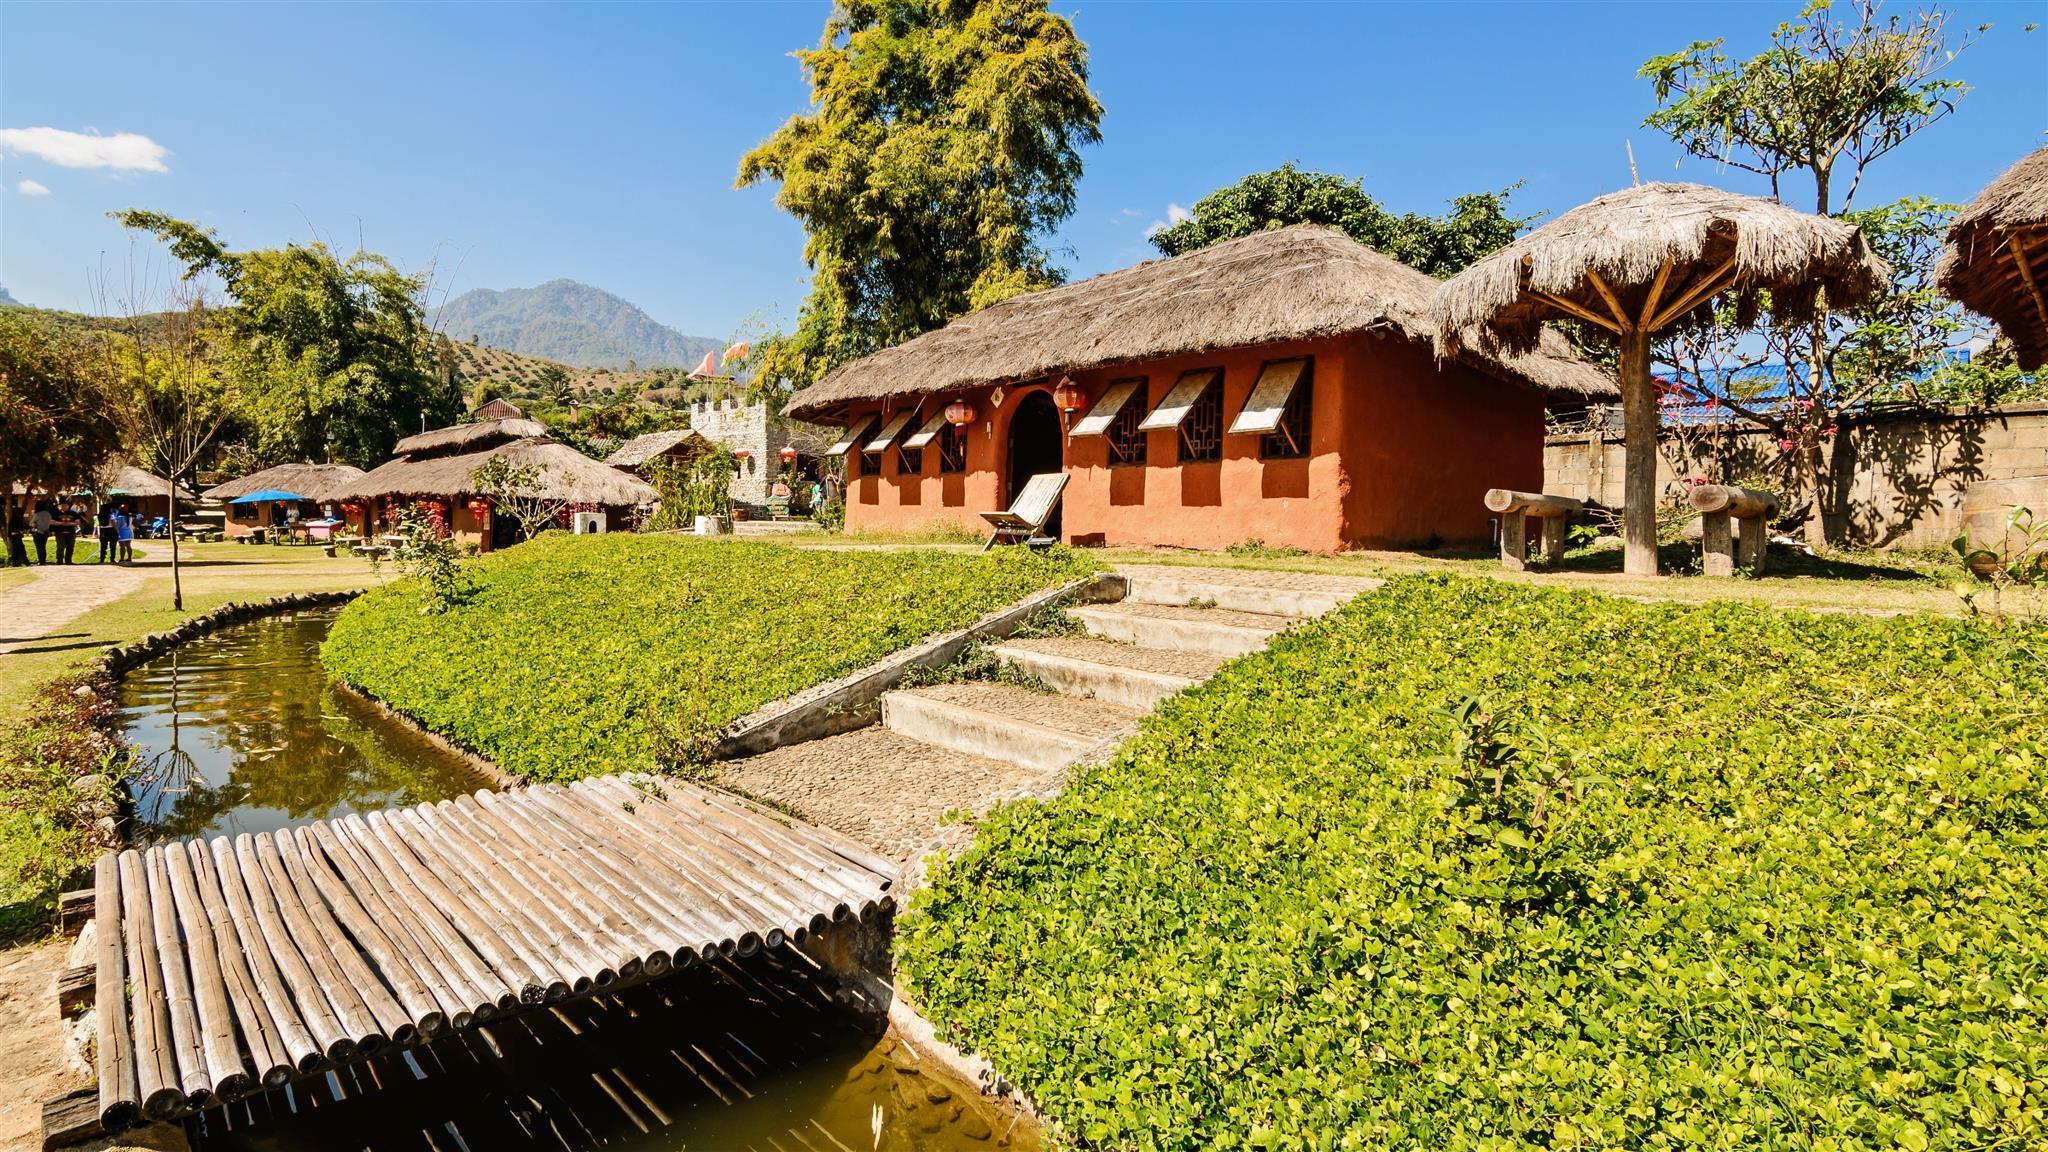 die 12 besten hotels in pai thailand ab 4 u20ac agoda com rh agoda com